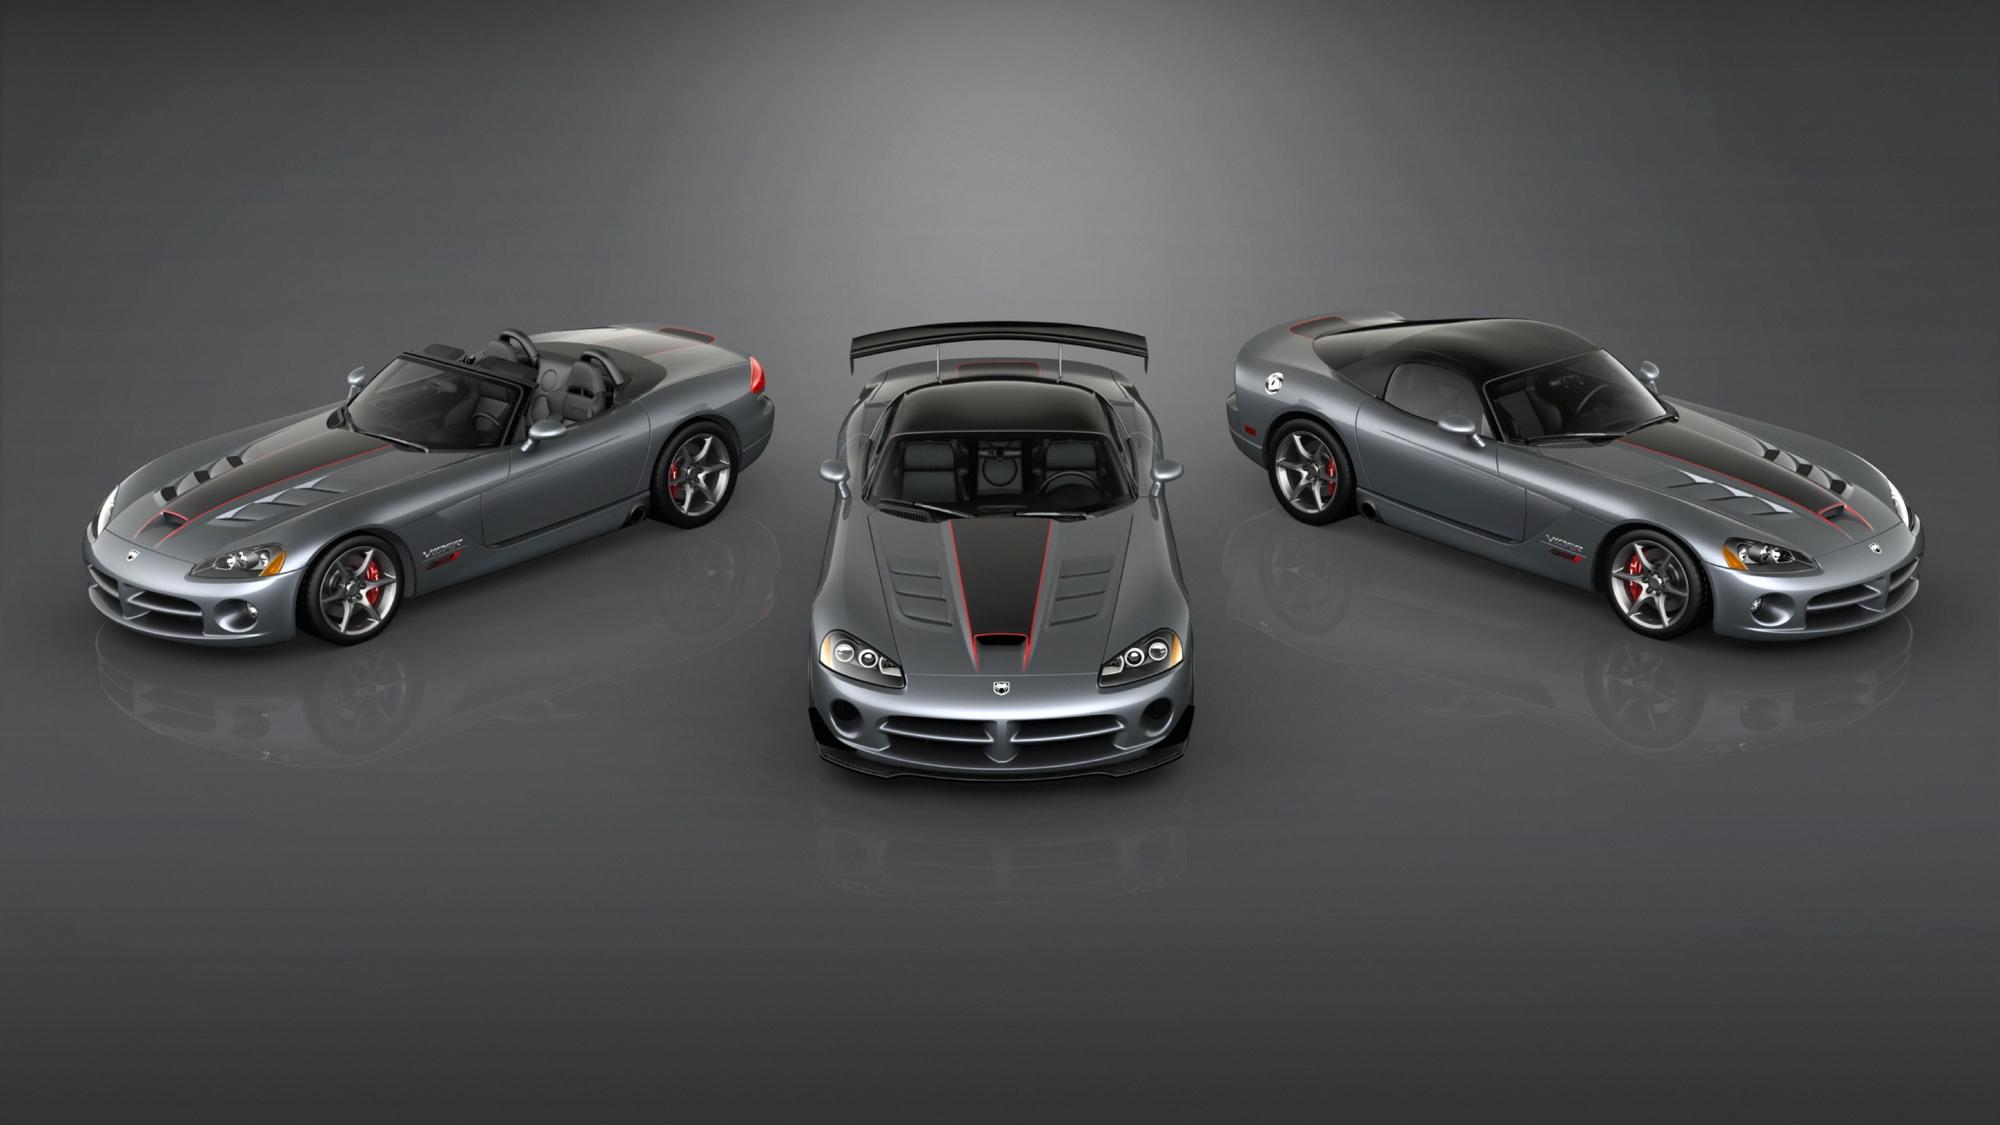 2010 Dodge Viper SRT10 Final Edition models